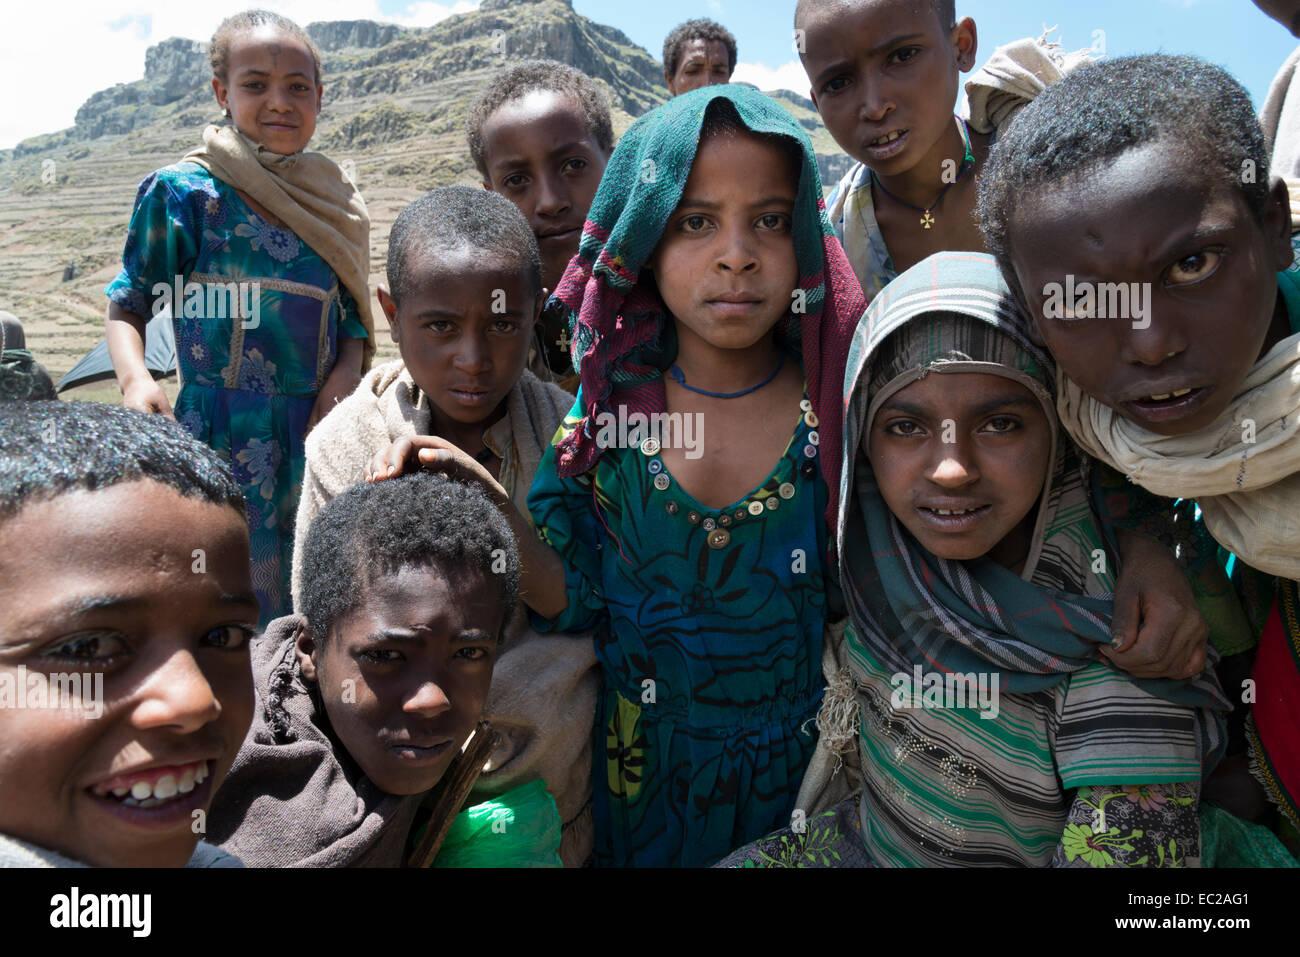 Children. Abuna Yosef. Lalibela area. Northern Ethiopia. - Stock Image